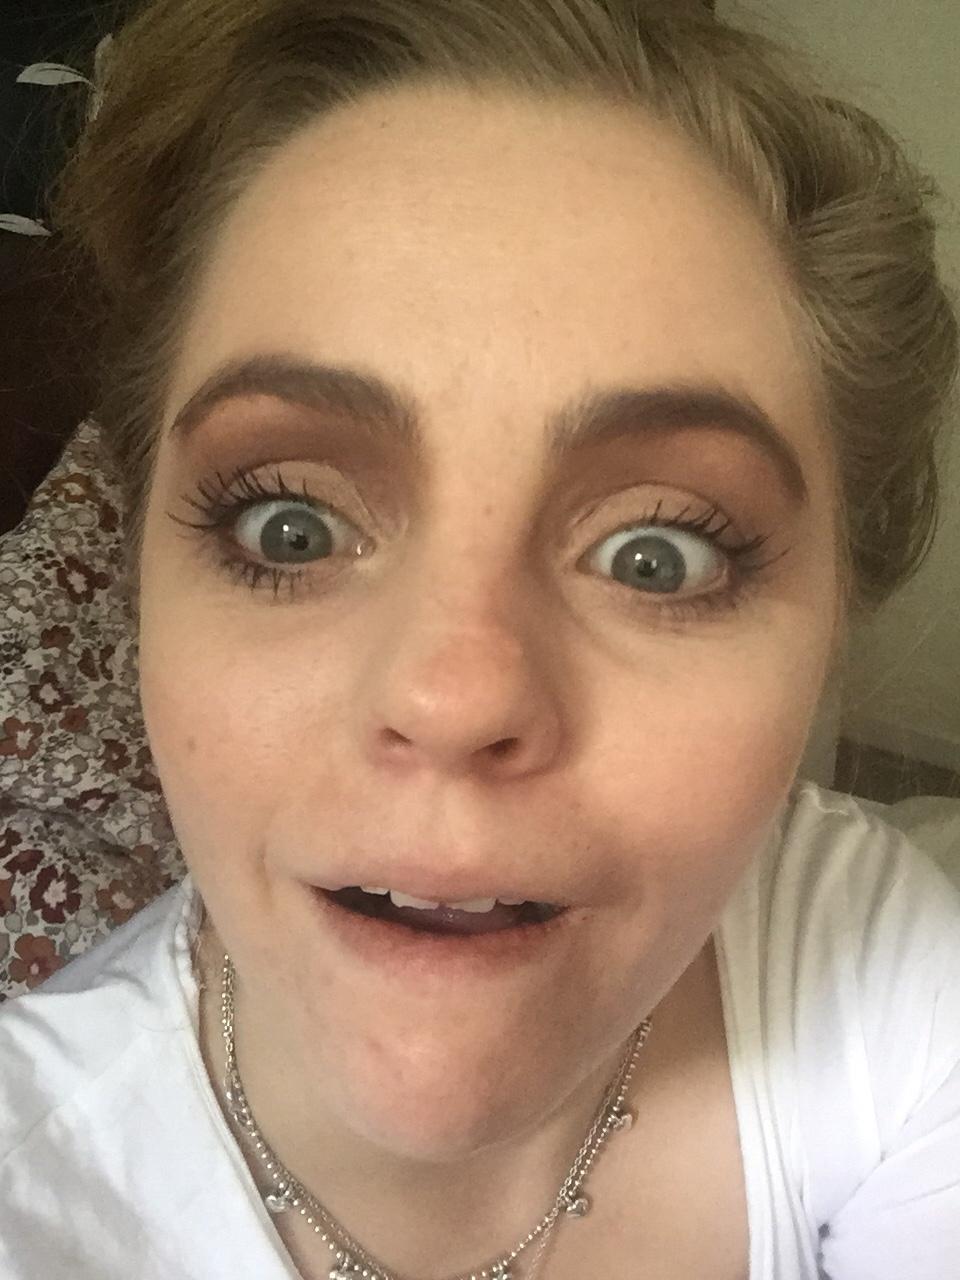 Terrible at Makeup